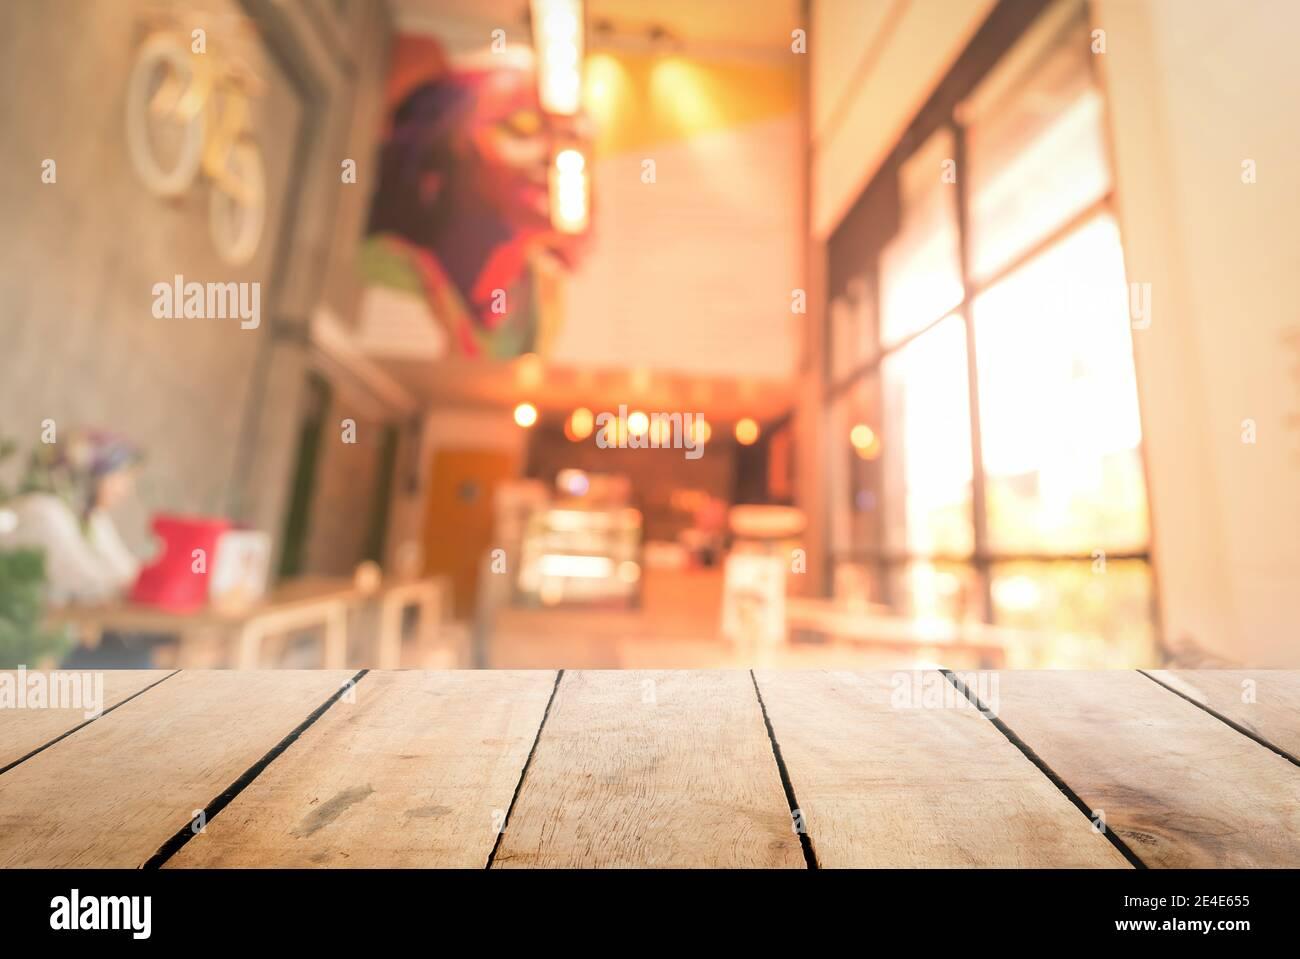 Resumen hermoso borroso tienda de fondo. Foto de stock